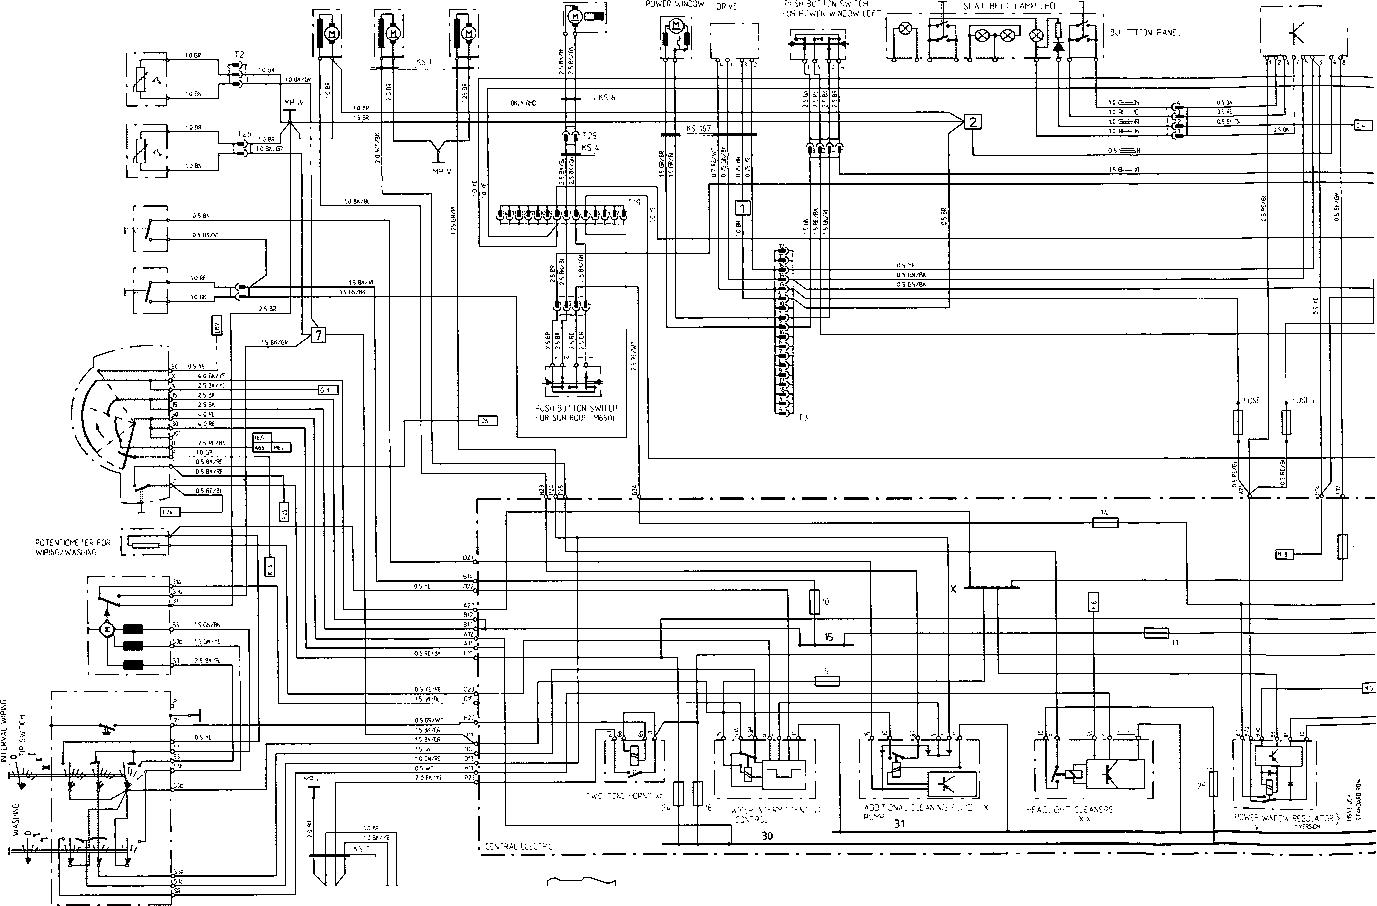 1980 Porsche 928 Wiring Diagram - Wiring Diagram Database •